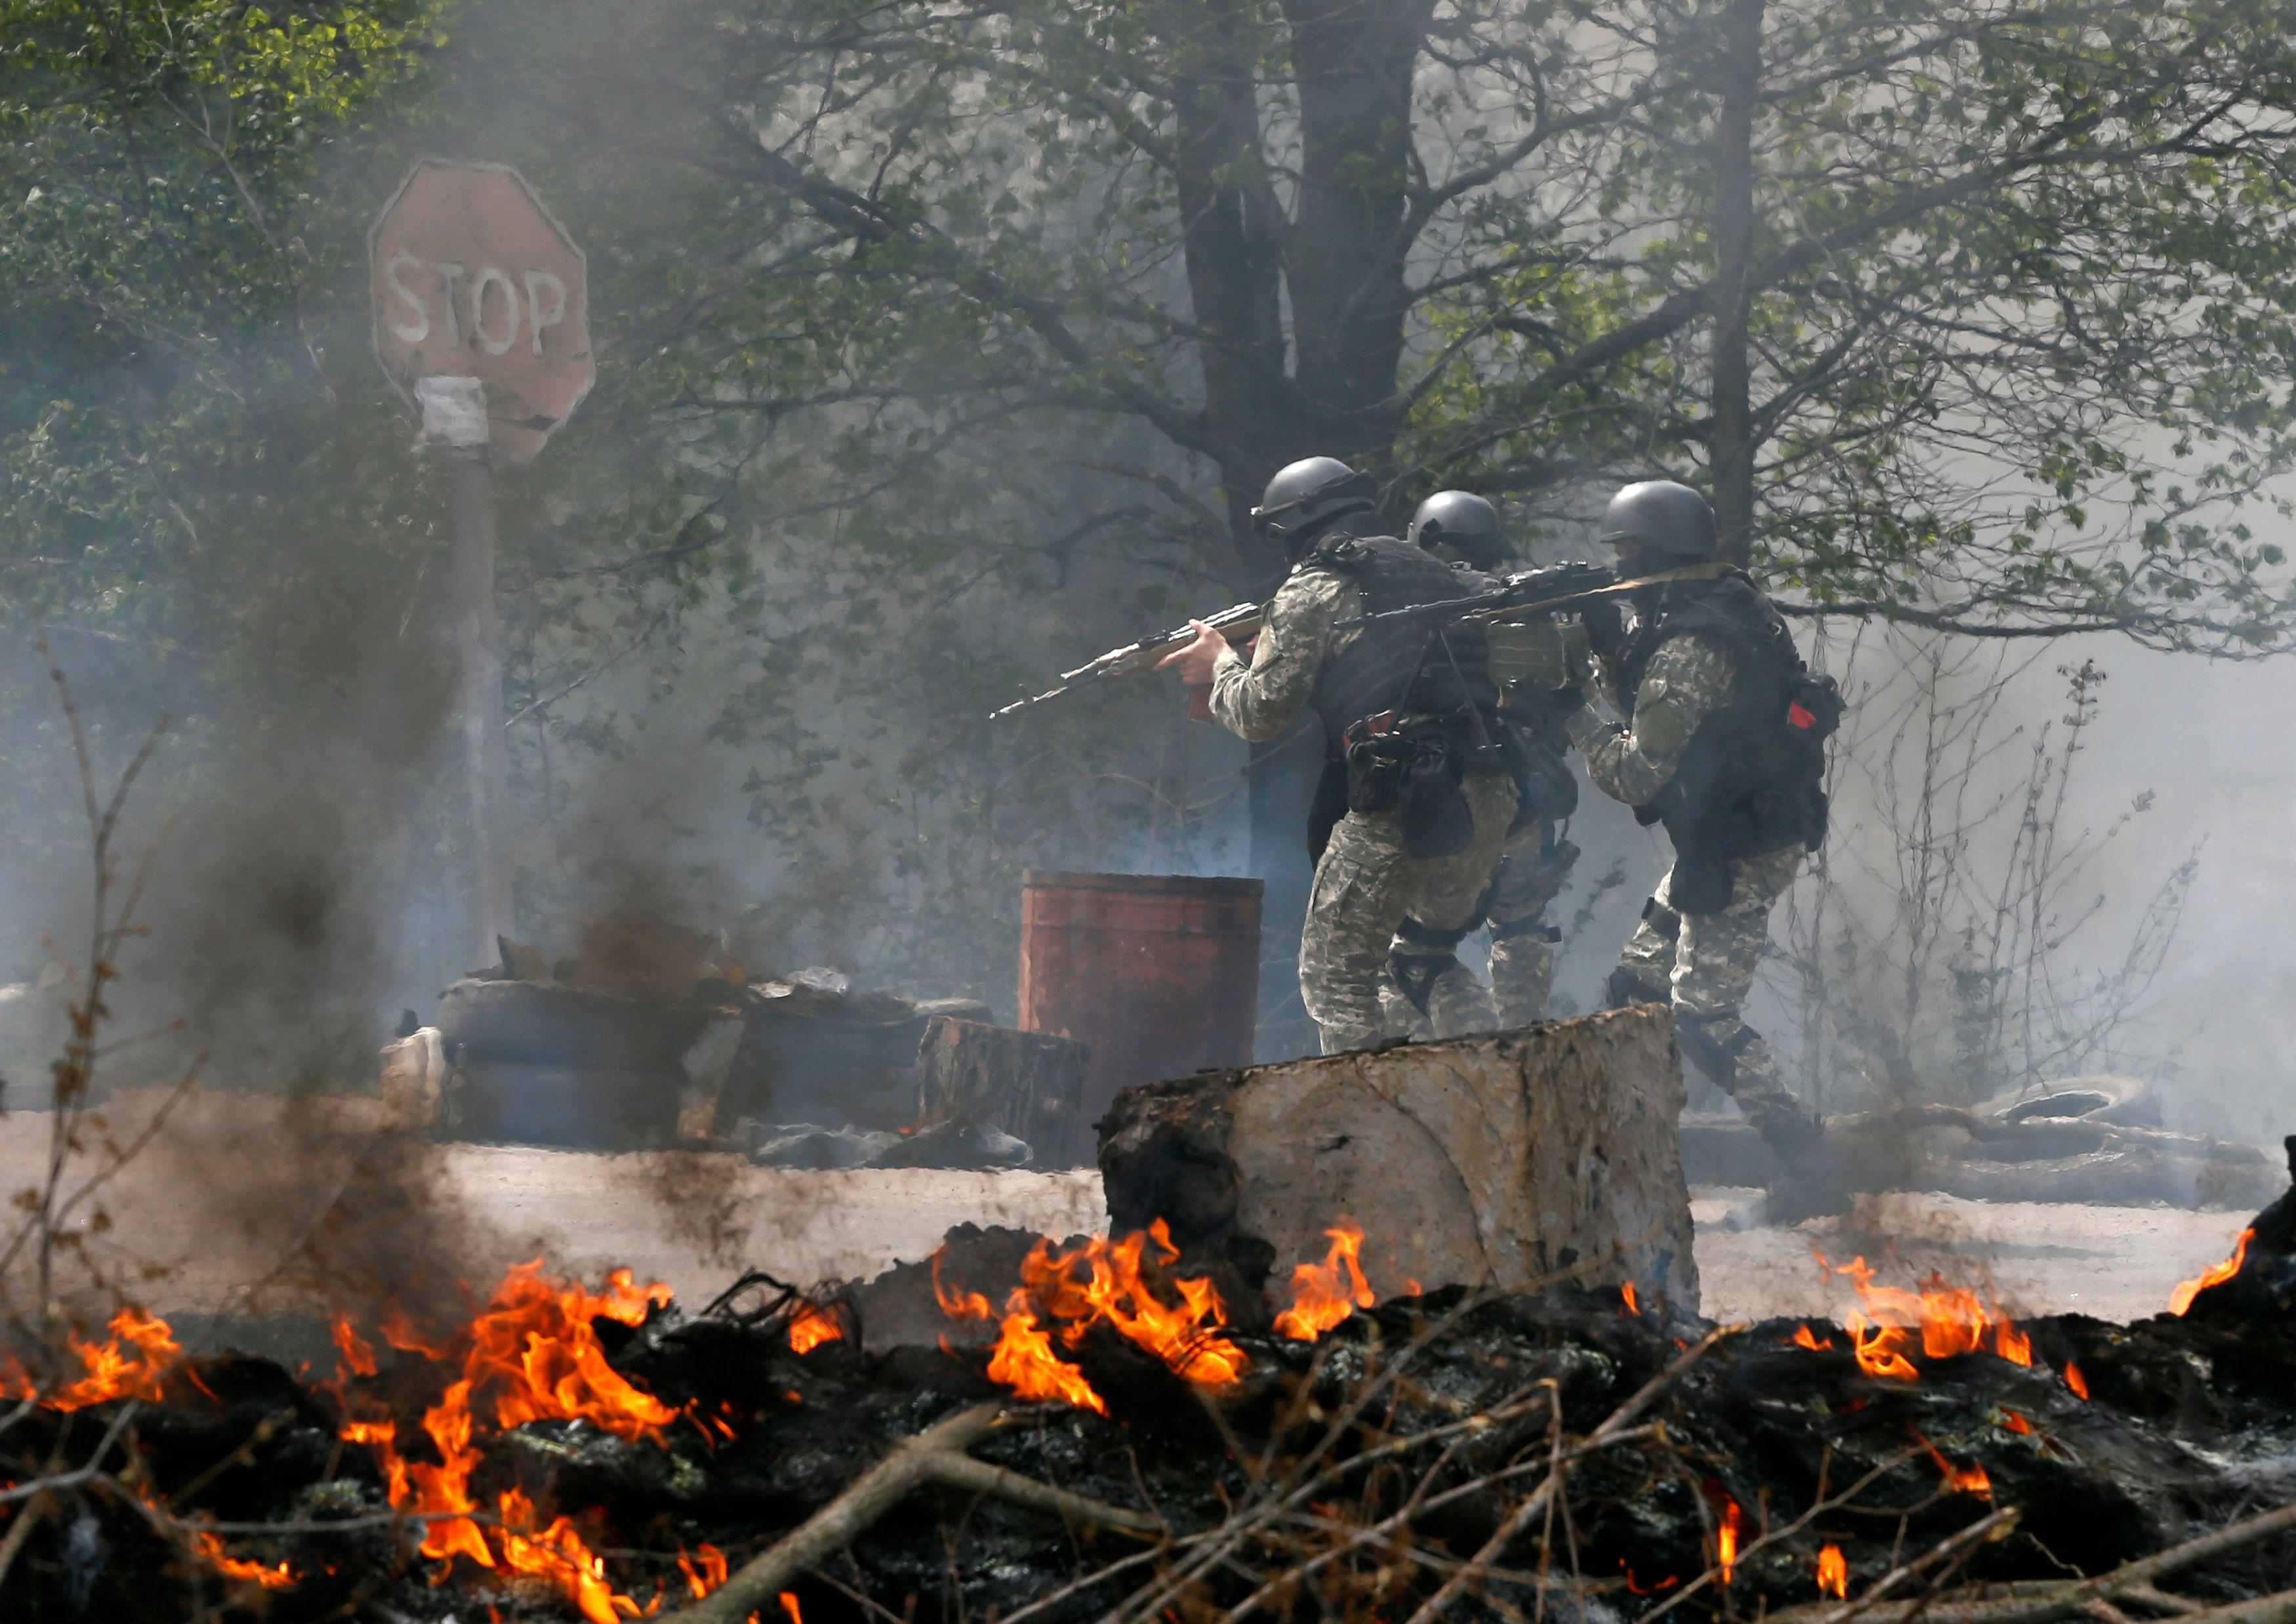 Les forces armées ukrainiennes avancent dans Sloviansk